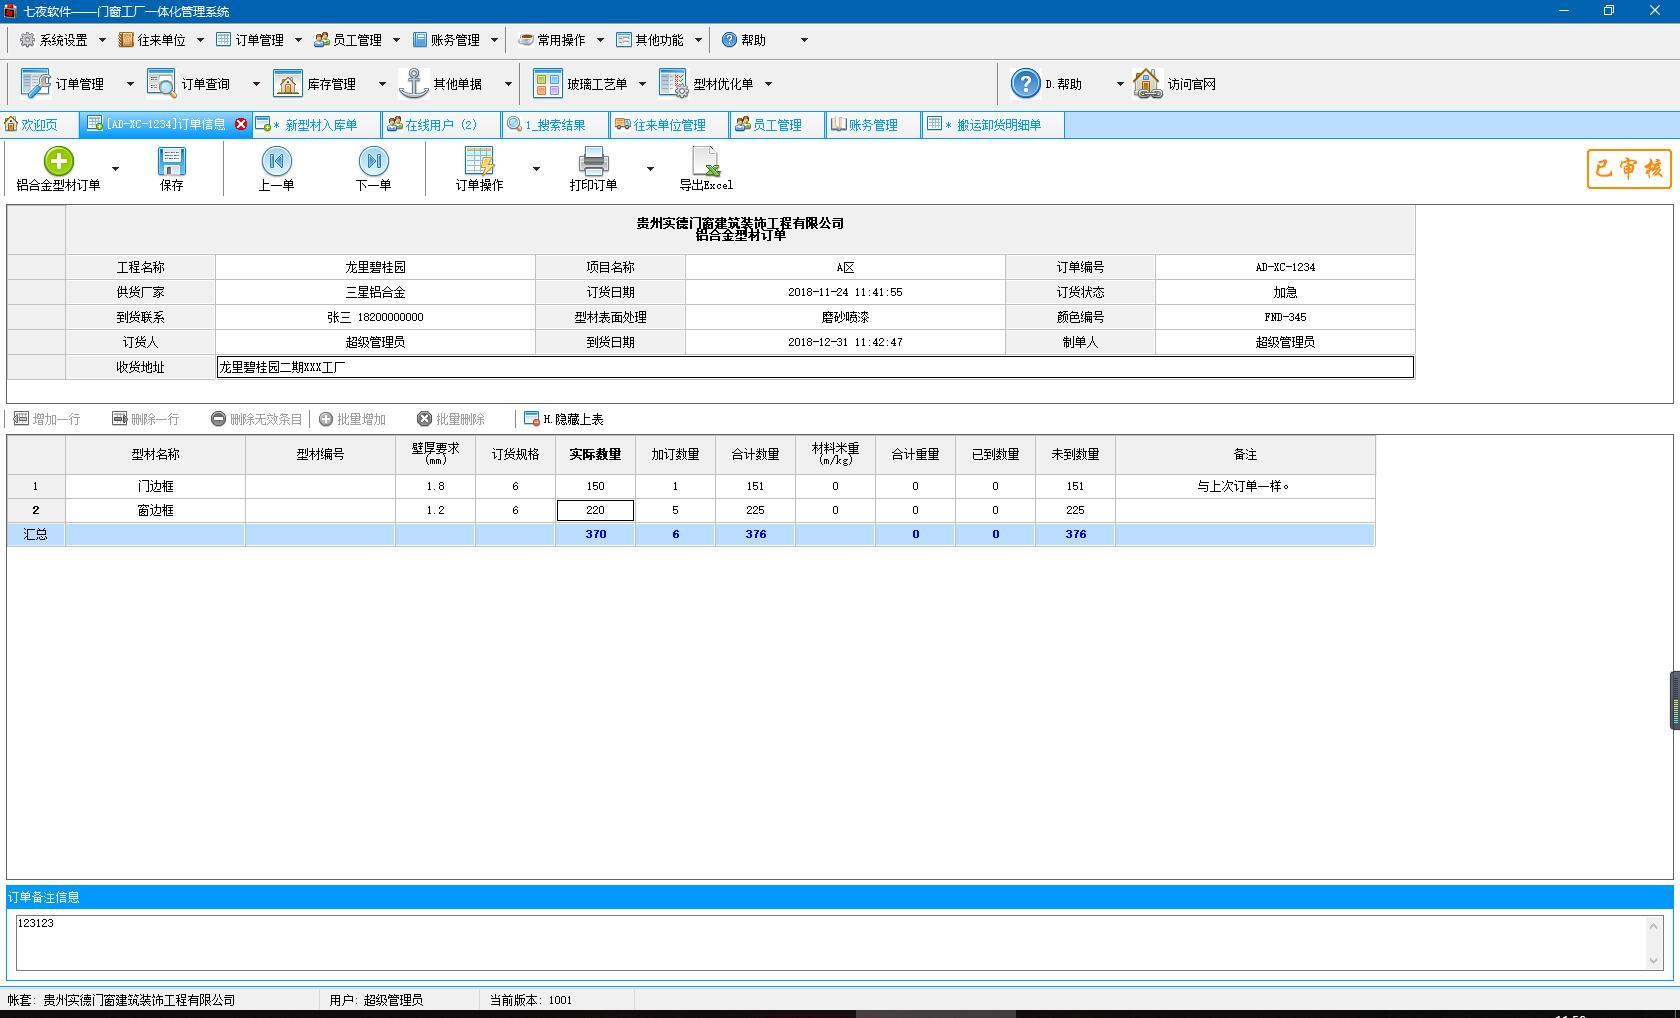 易語言門窗加工公司訂單綜合管理系統